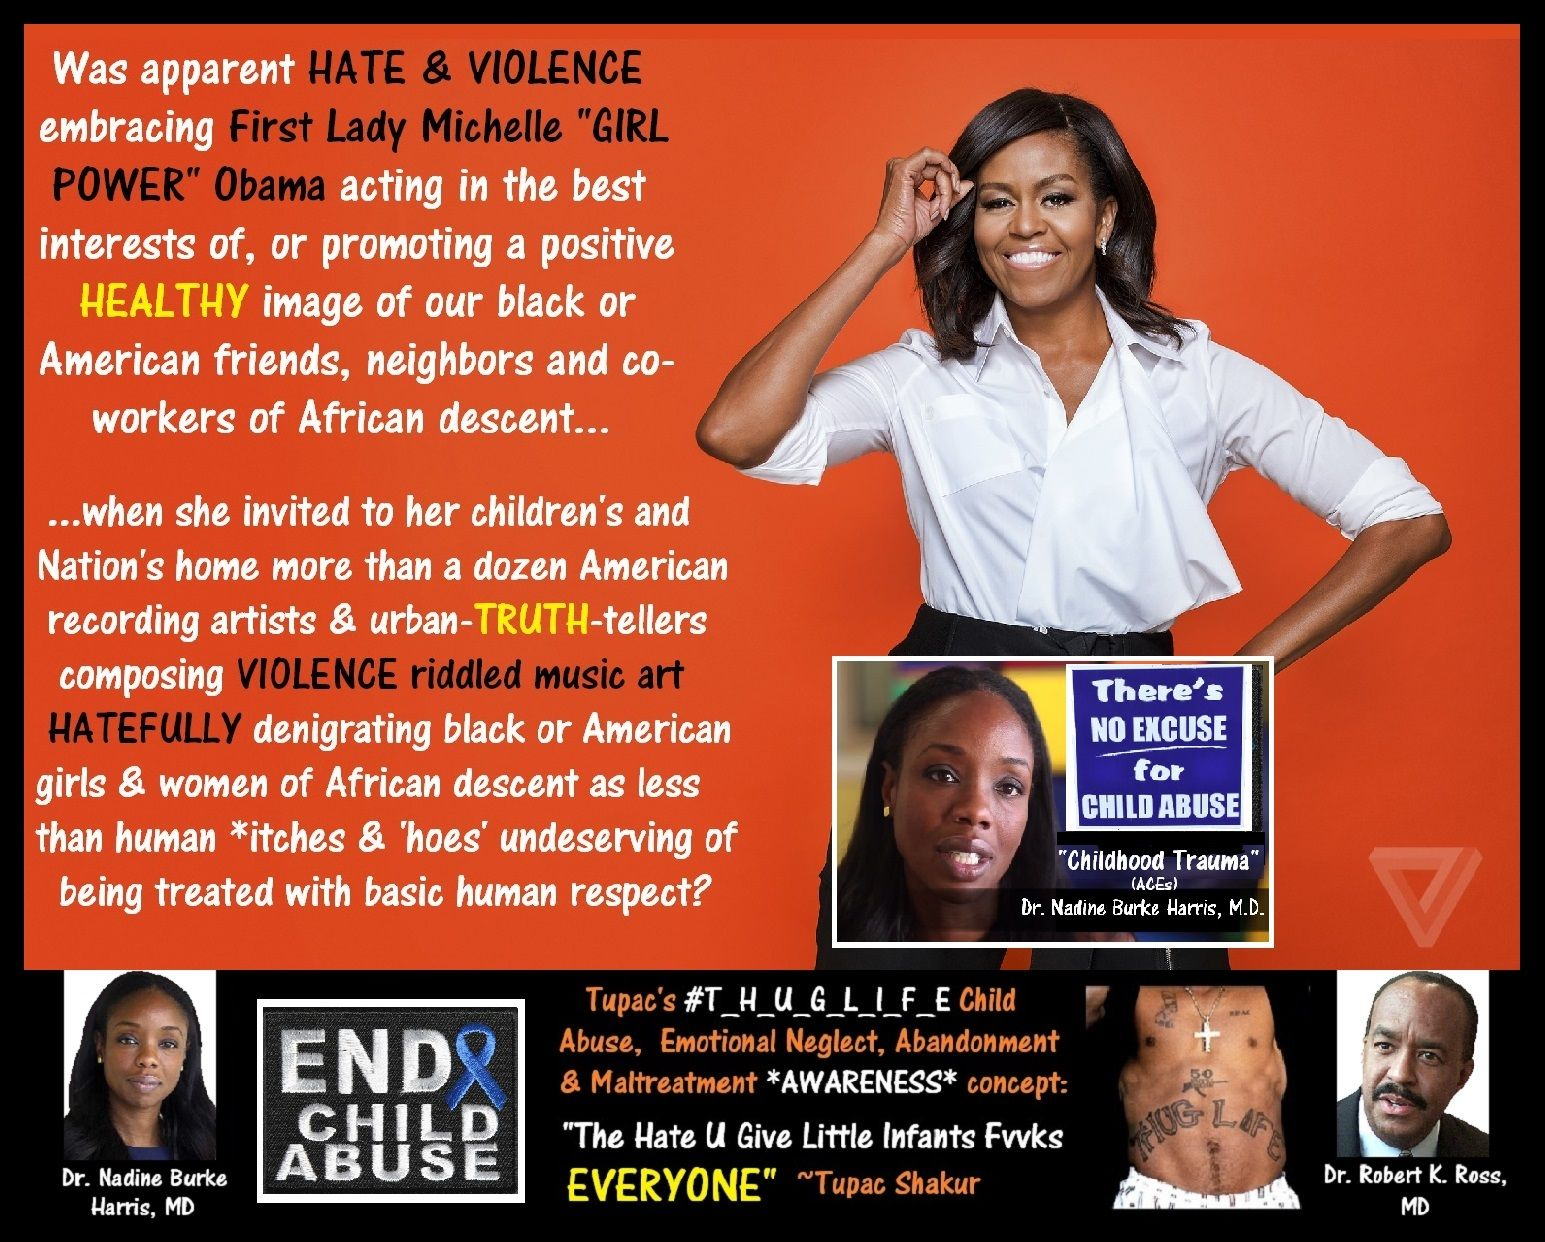 MICHELLE OBAMA HATE VIOLENCE.jpg